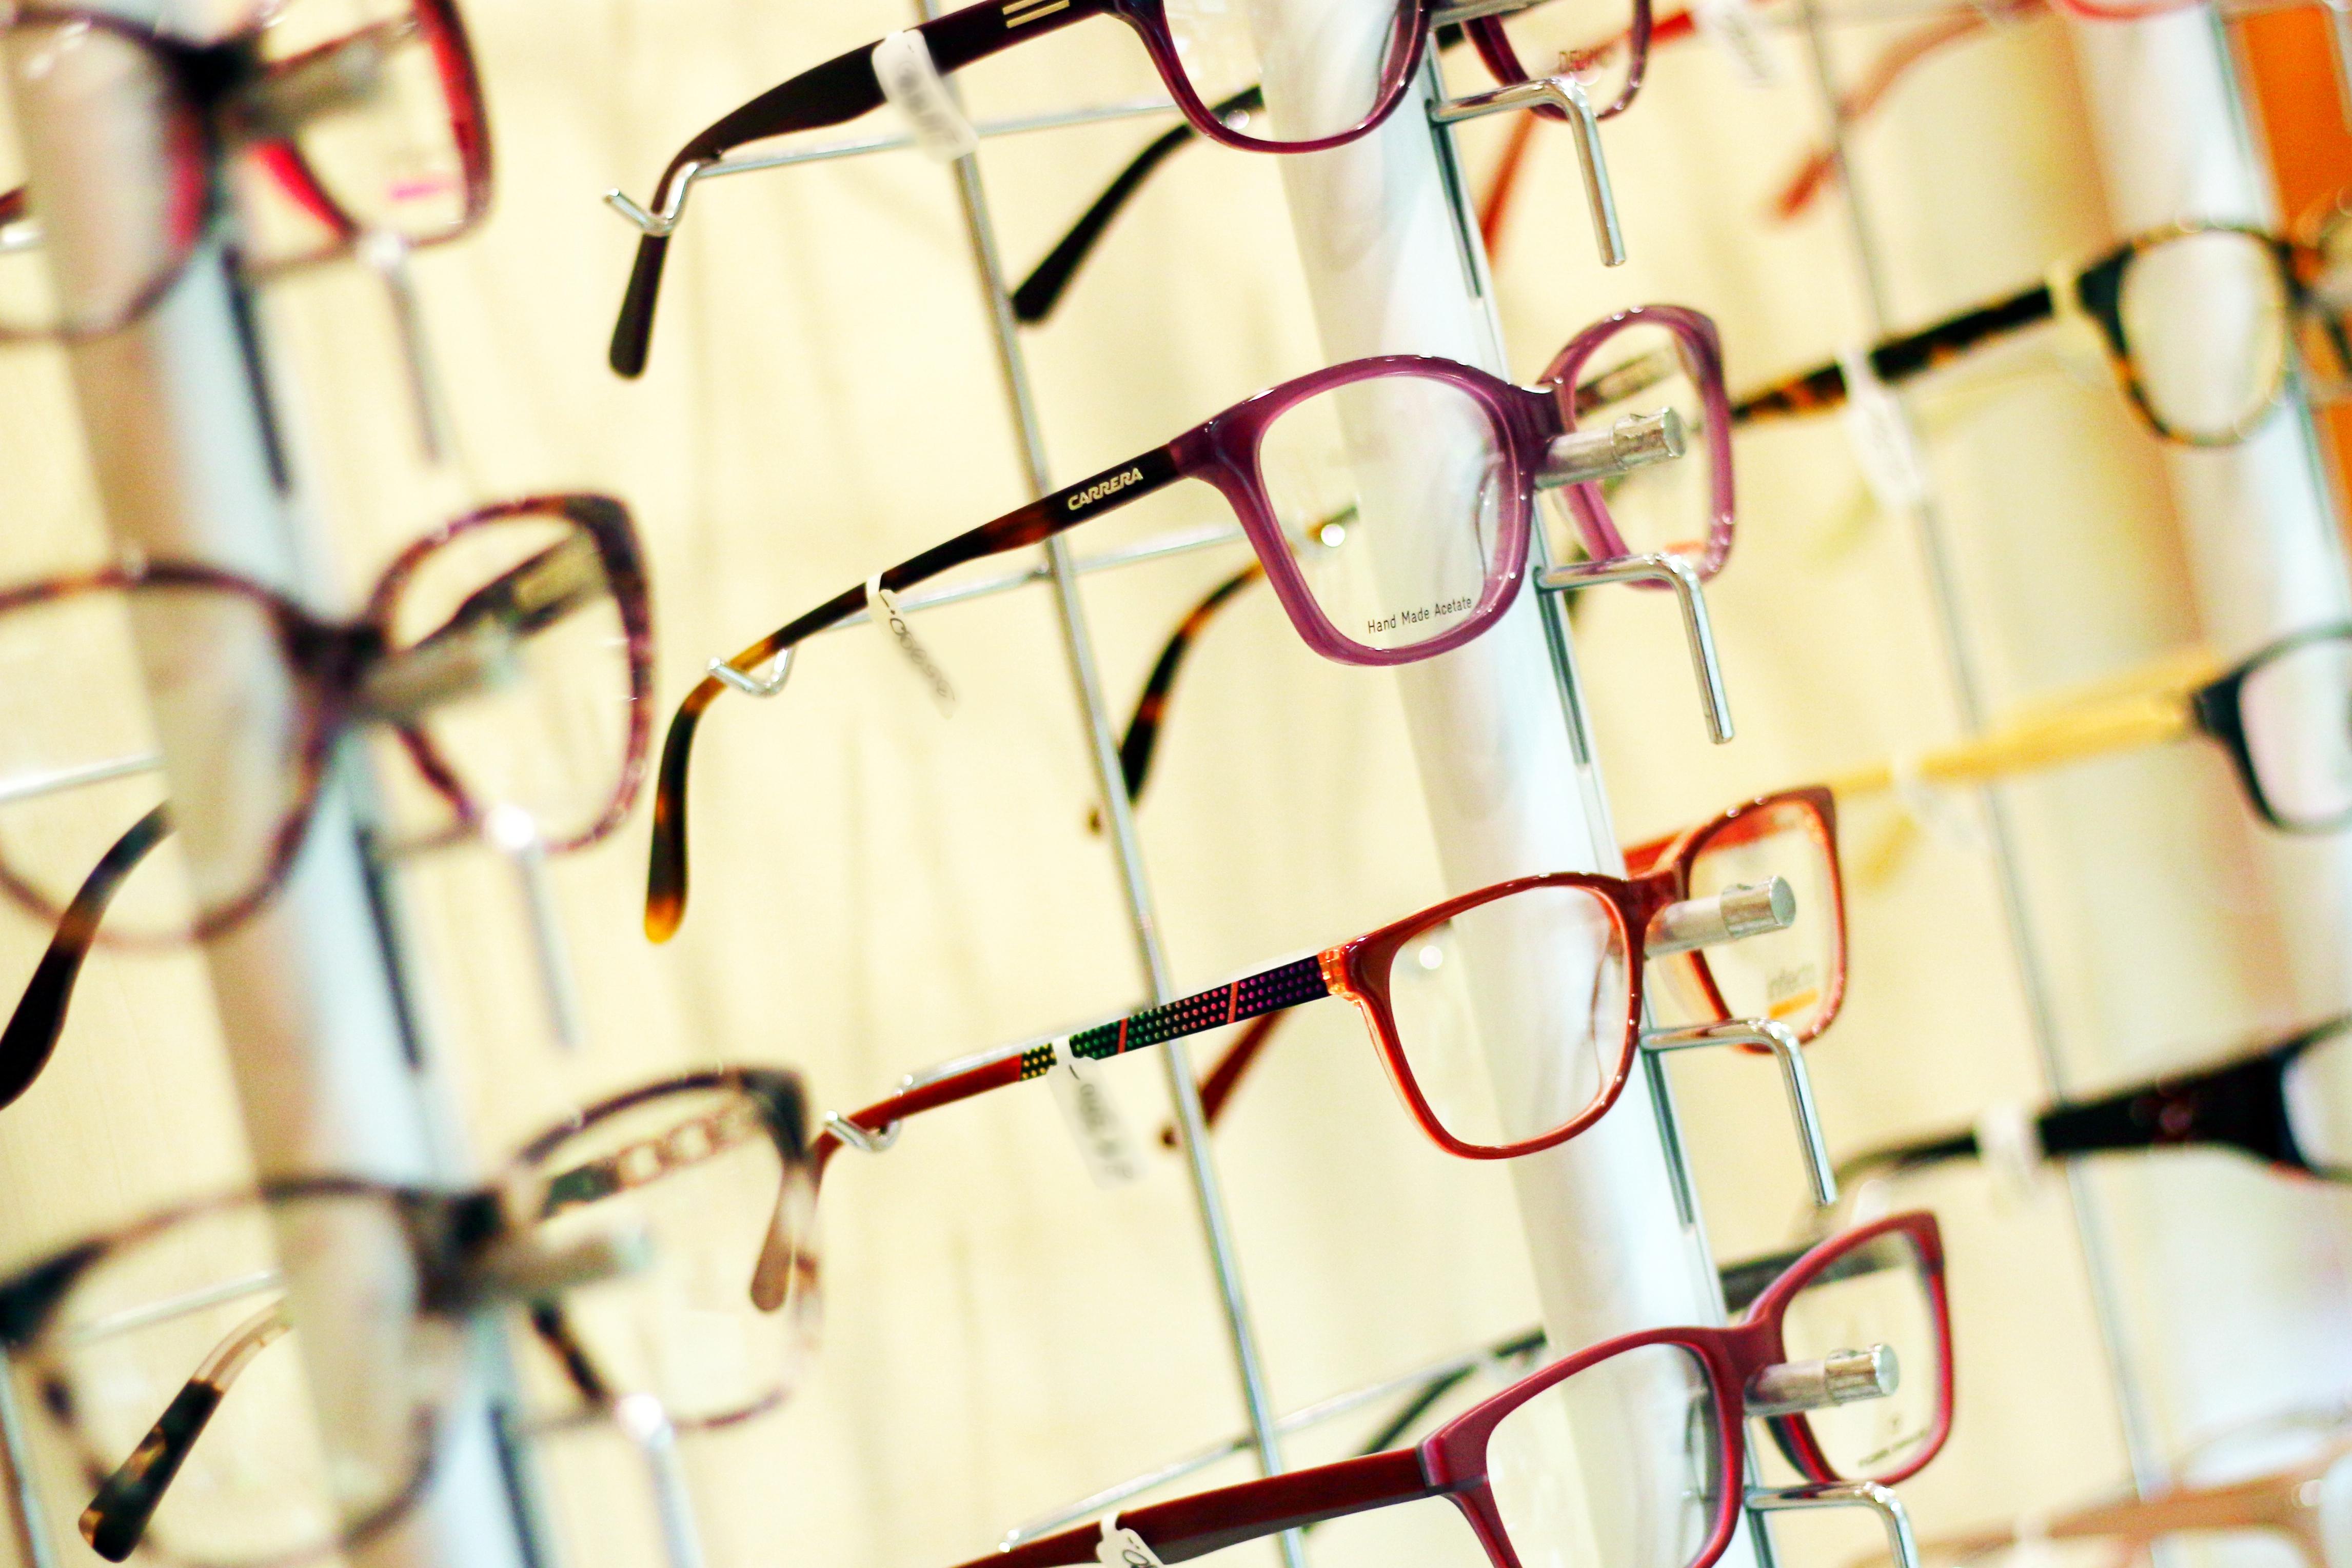 Keretek és napszemüvegek